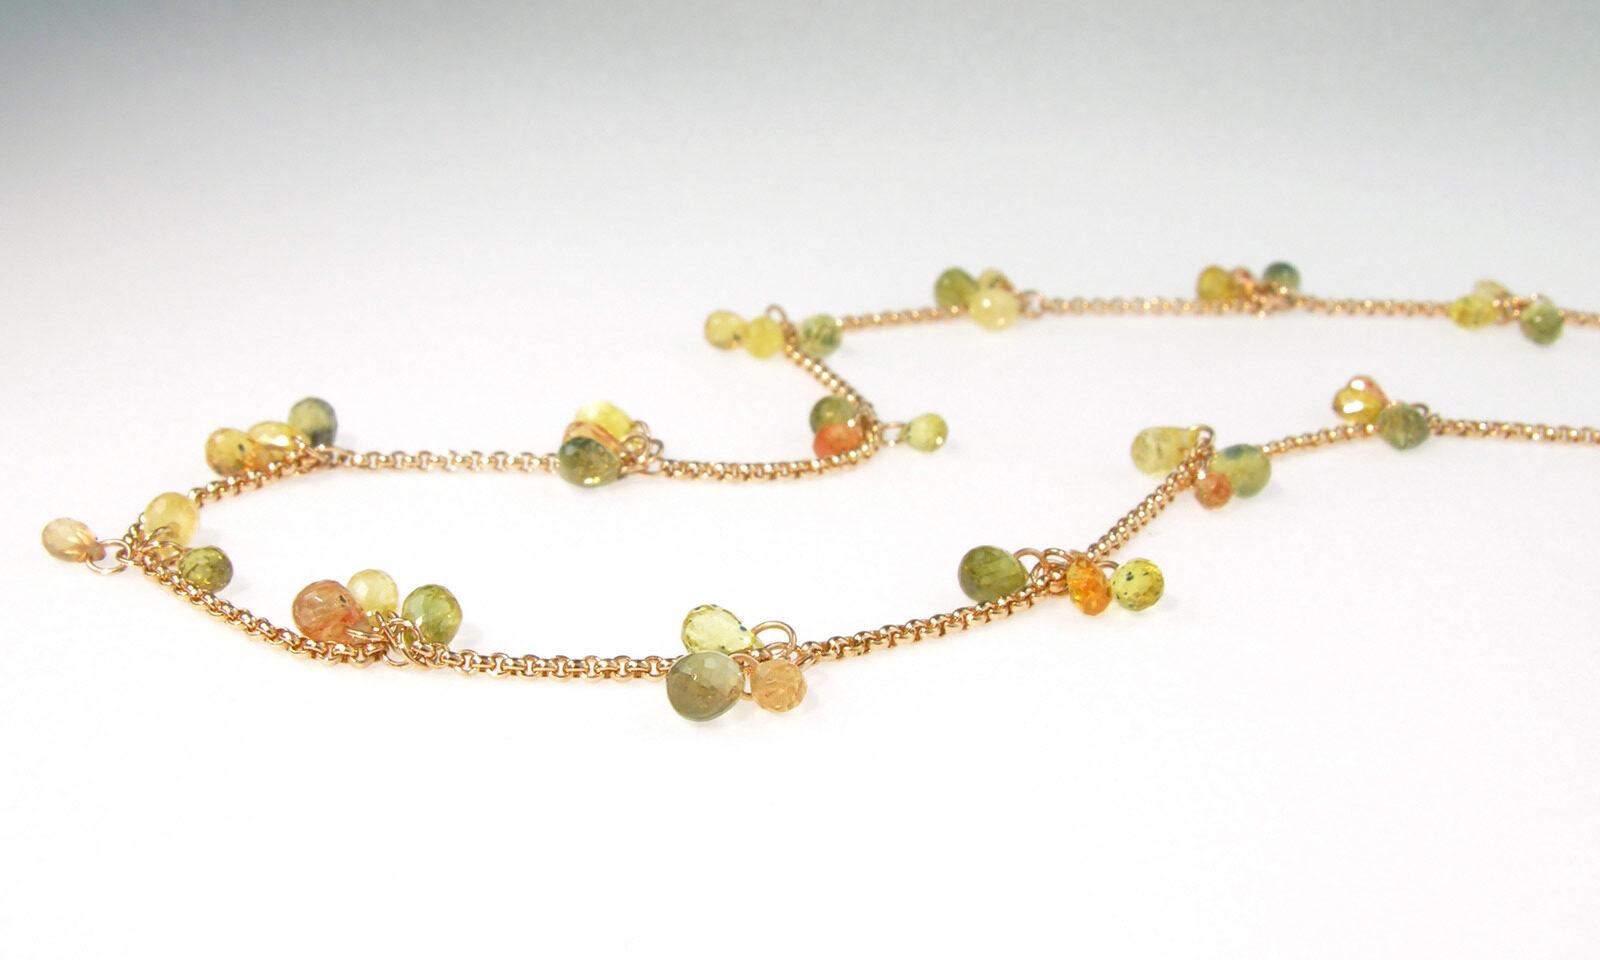 Kette Safire Gruen Gelb. Kette Rotgold 750 mit 62 Safir-Briolettes, Länge 49.5 cm, CHF 3400.-